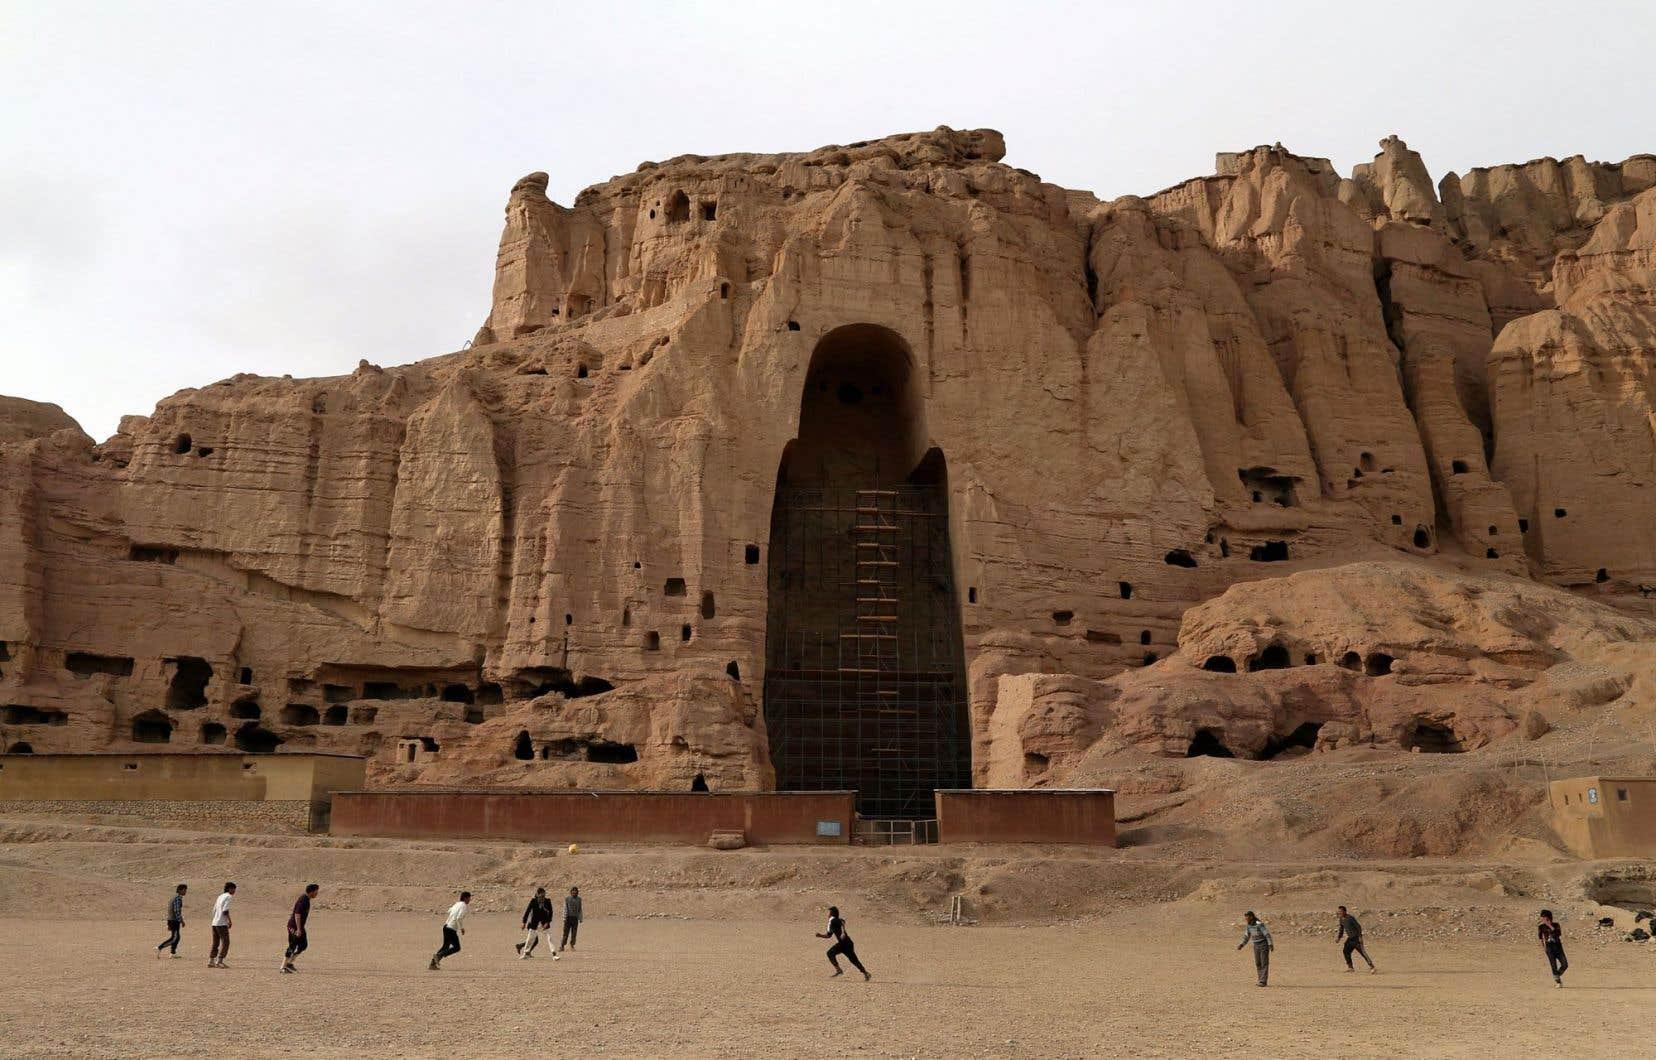 Des enfants afghans jouent au soccer devant les vestiges des bouddhas de Bâmiyân, détruits en mars 2001 par les talibans.